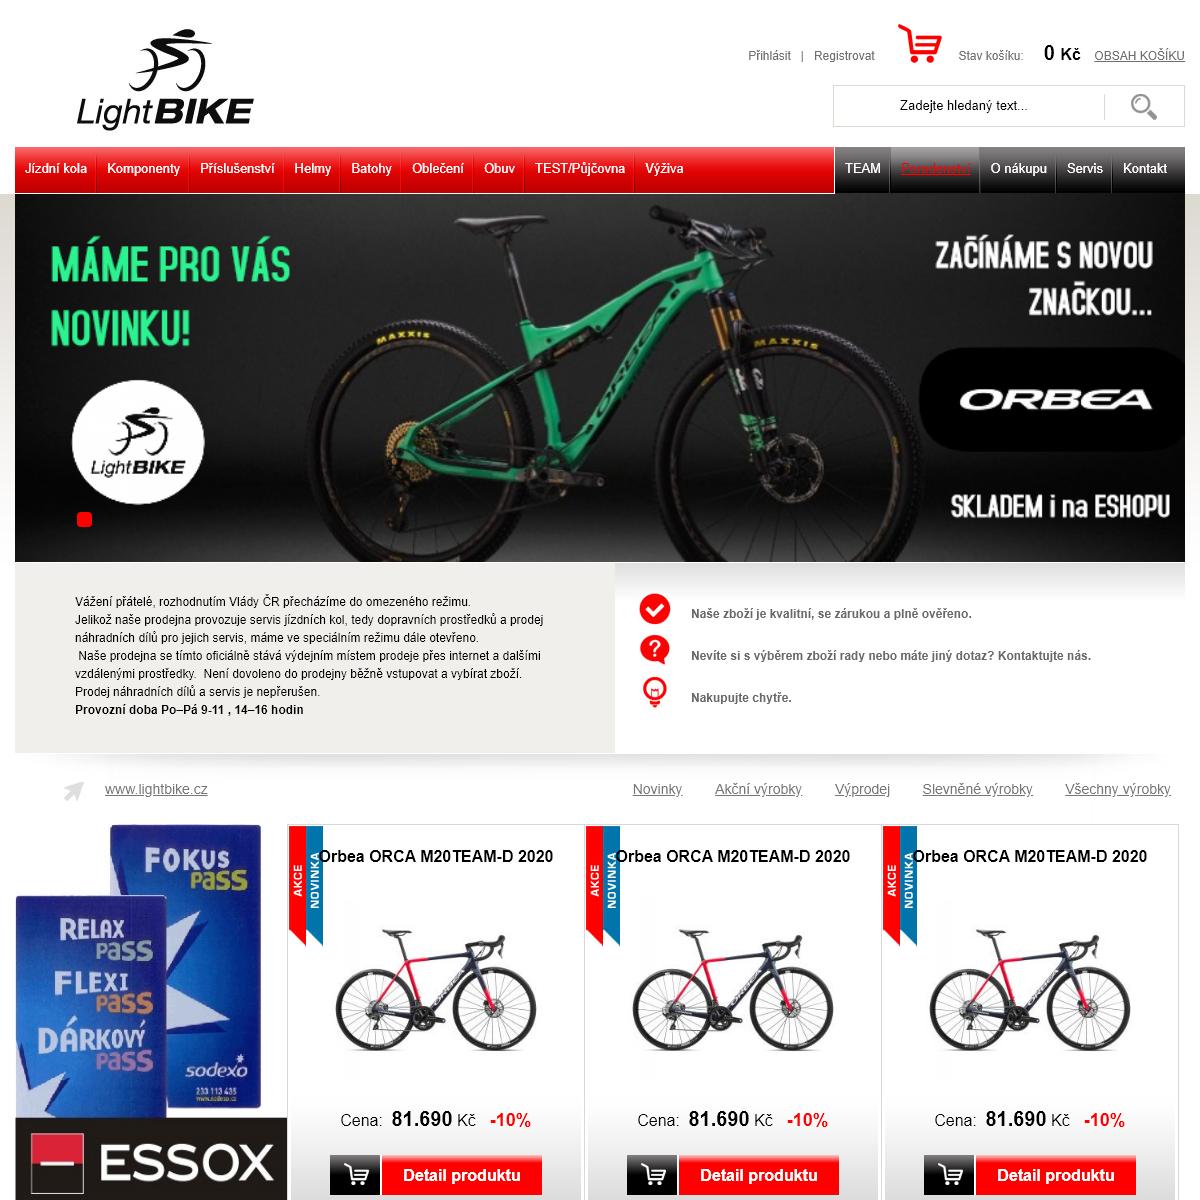 LightBike - Vaše speciálka na cyklistiku a běh